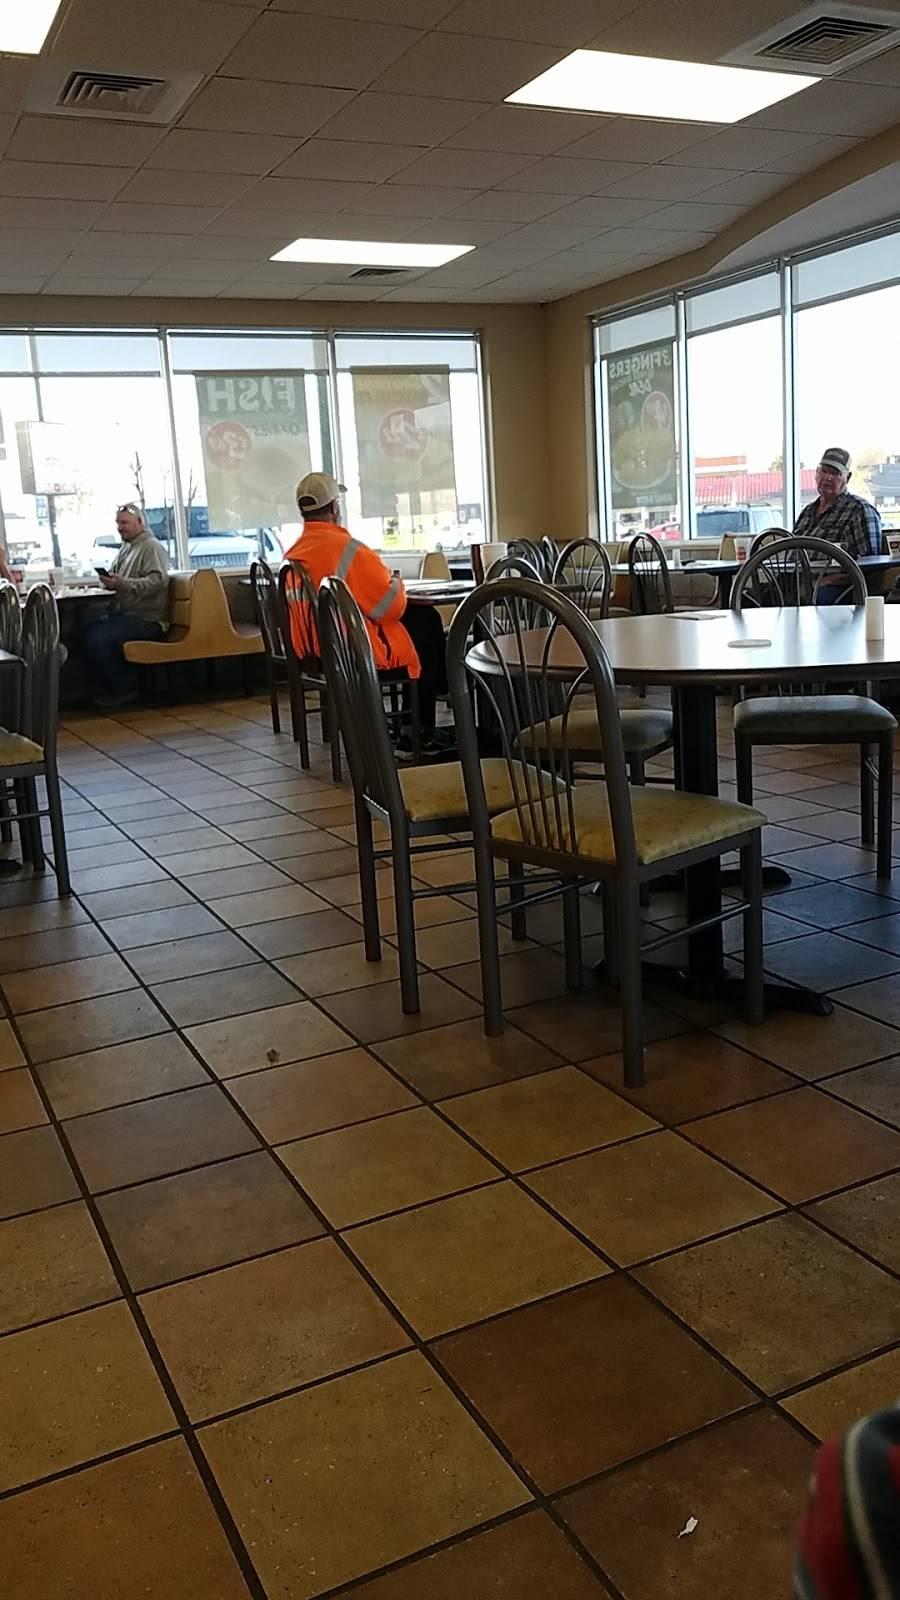 Jacks | restaurant | 5320 Old Hwy 280, Harpersville, AL 35078, USA | 2056727788 OR +1 205-672-7788